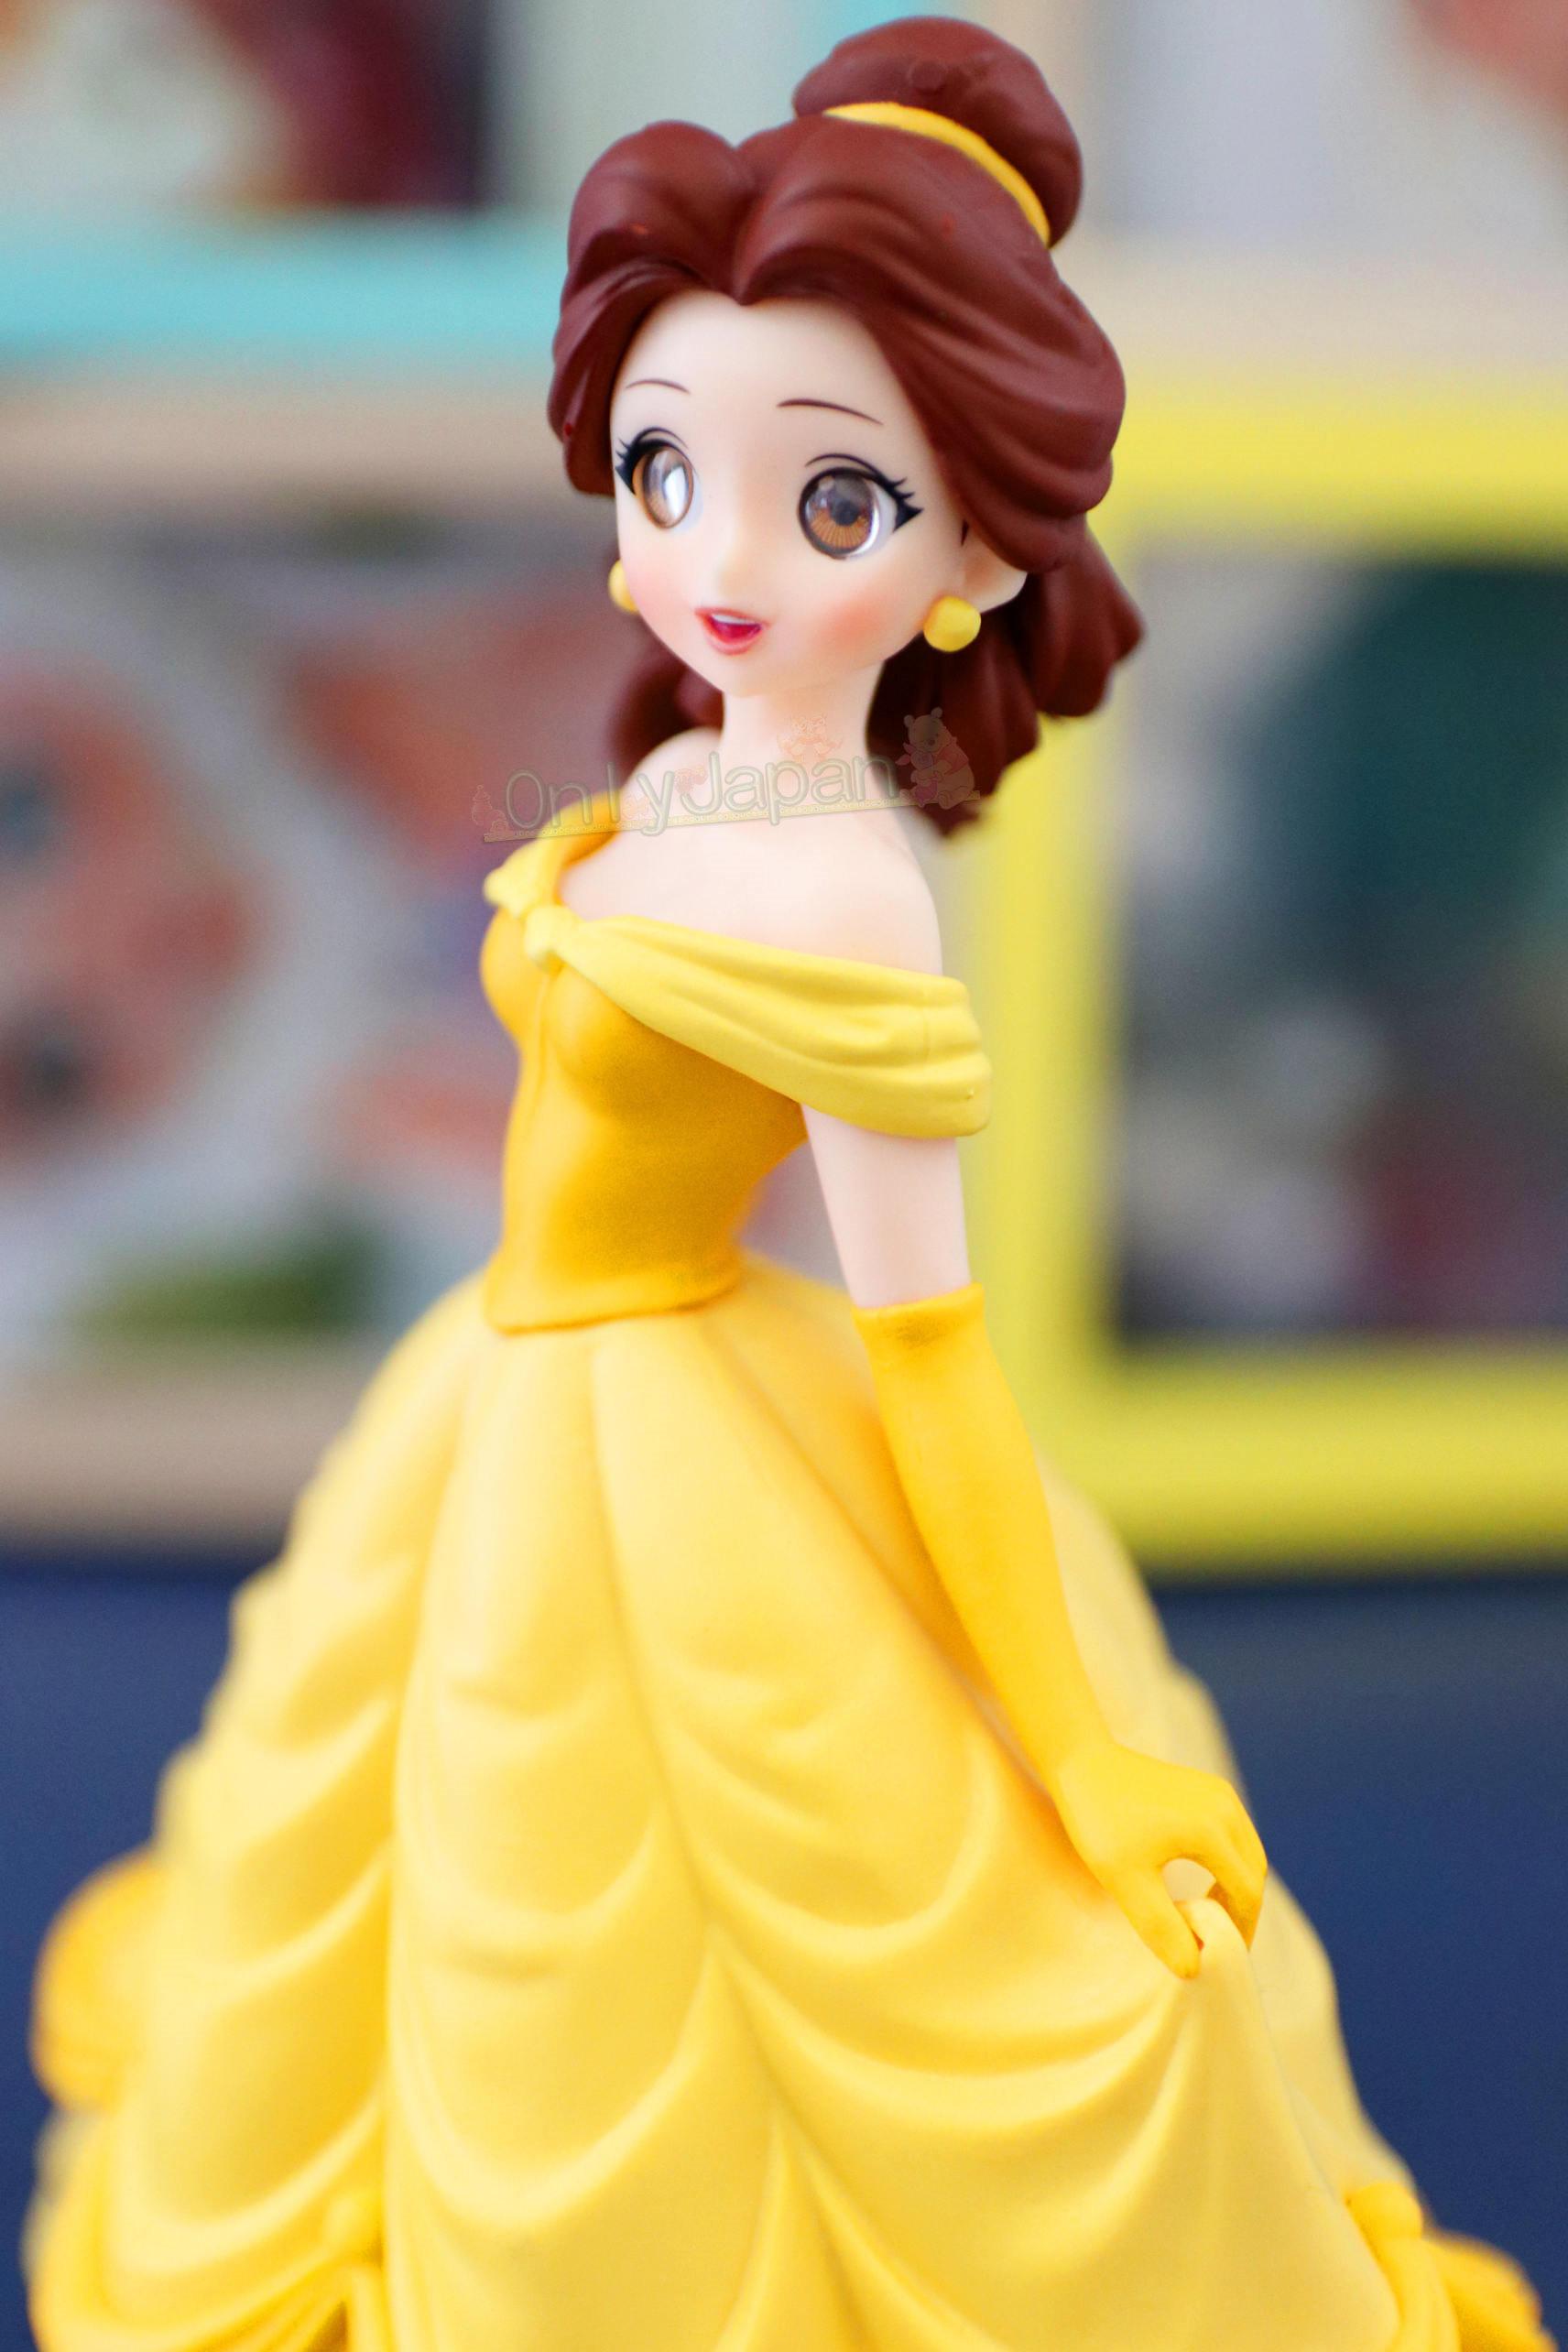 日本景品擺飾公仔 美女與野獸 貝兒 迪士尼  娃娃 模型 擺飾 收藏 公仔 日版 景品 SEGA 真愛日本